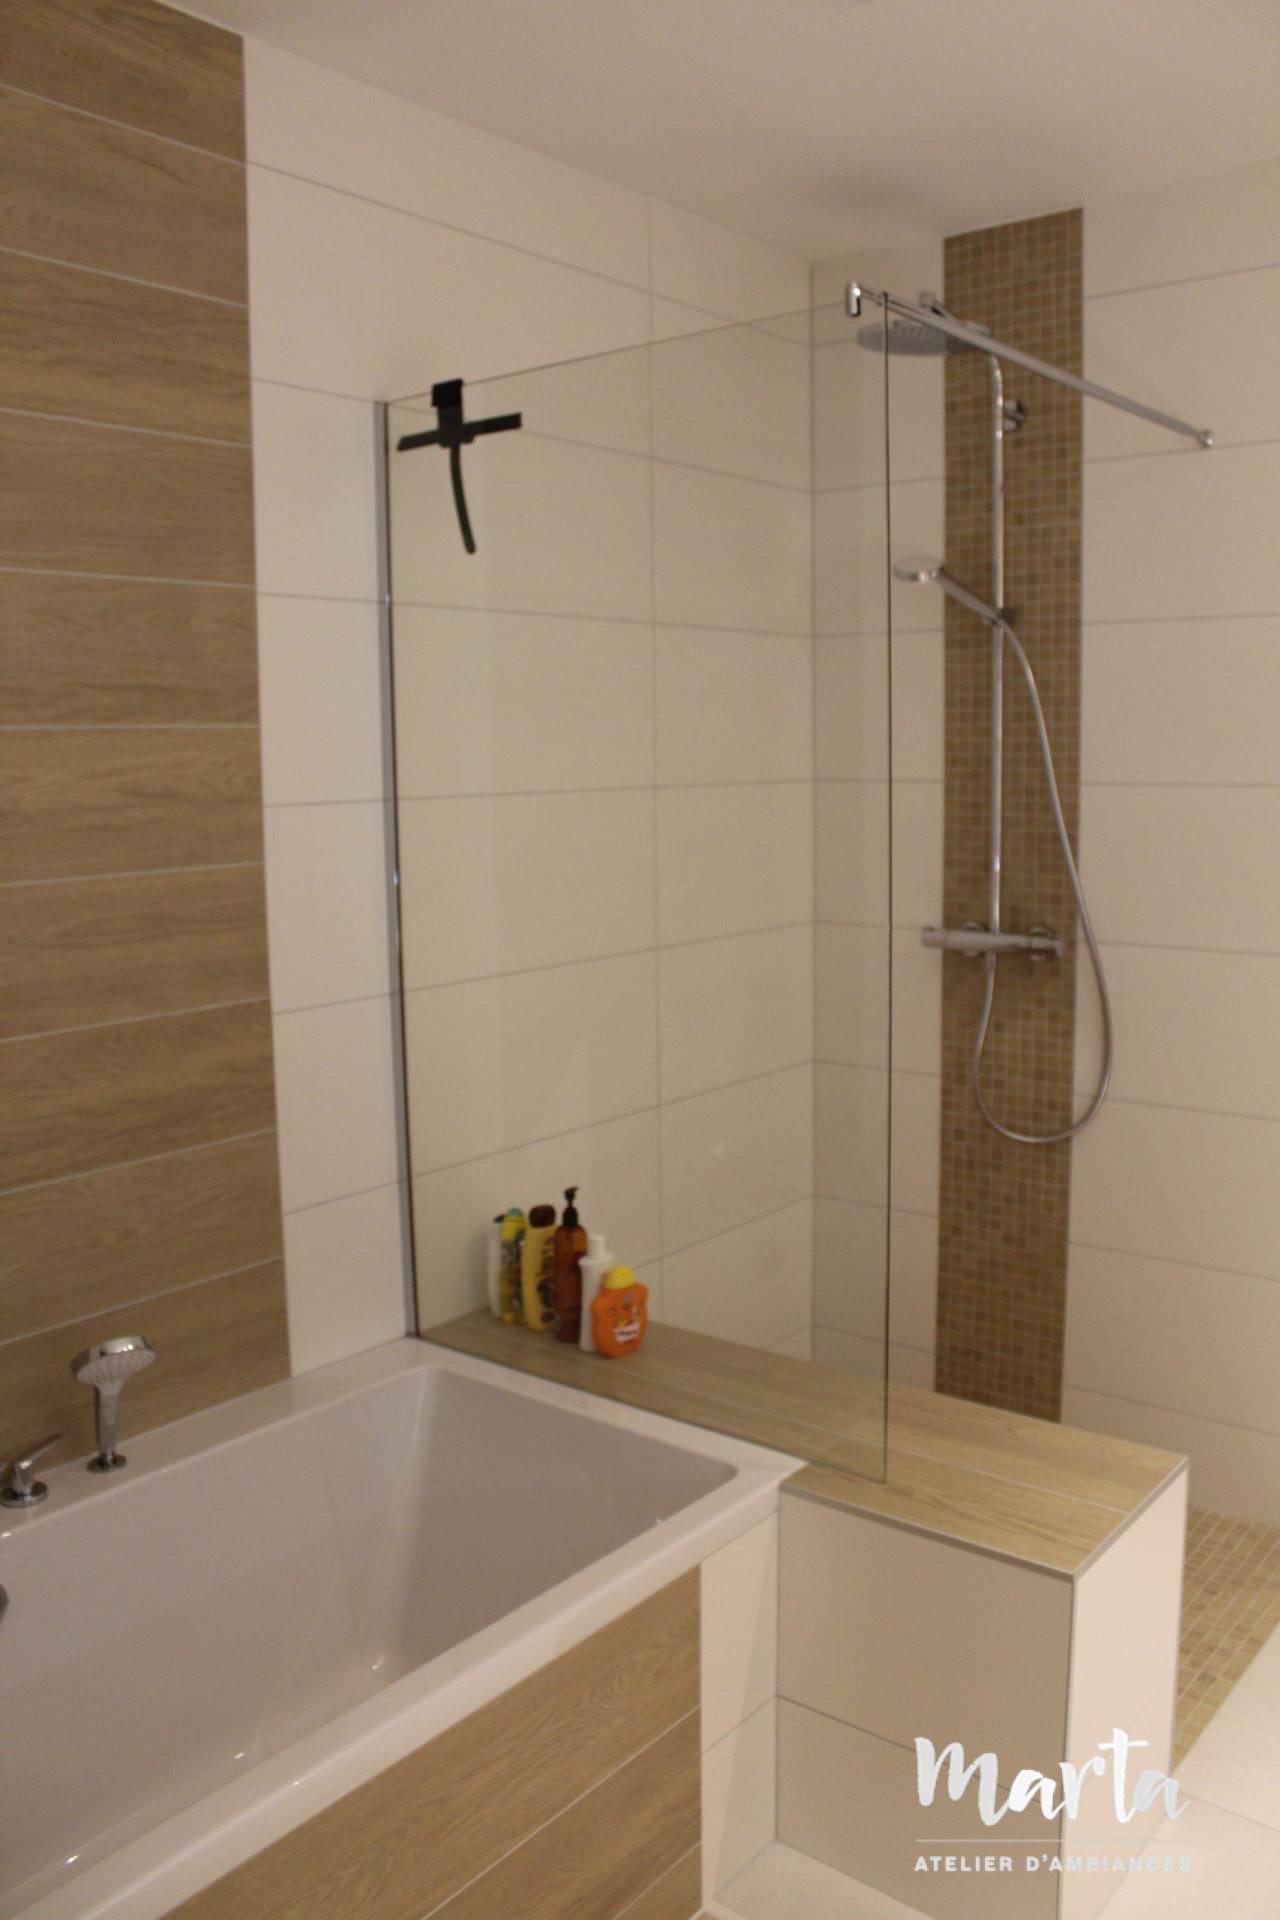 5. Petit muret avec paroi en verre qui sépare la baignoire et la douche.